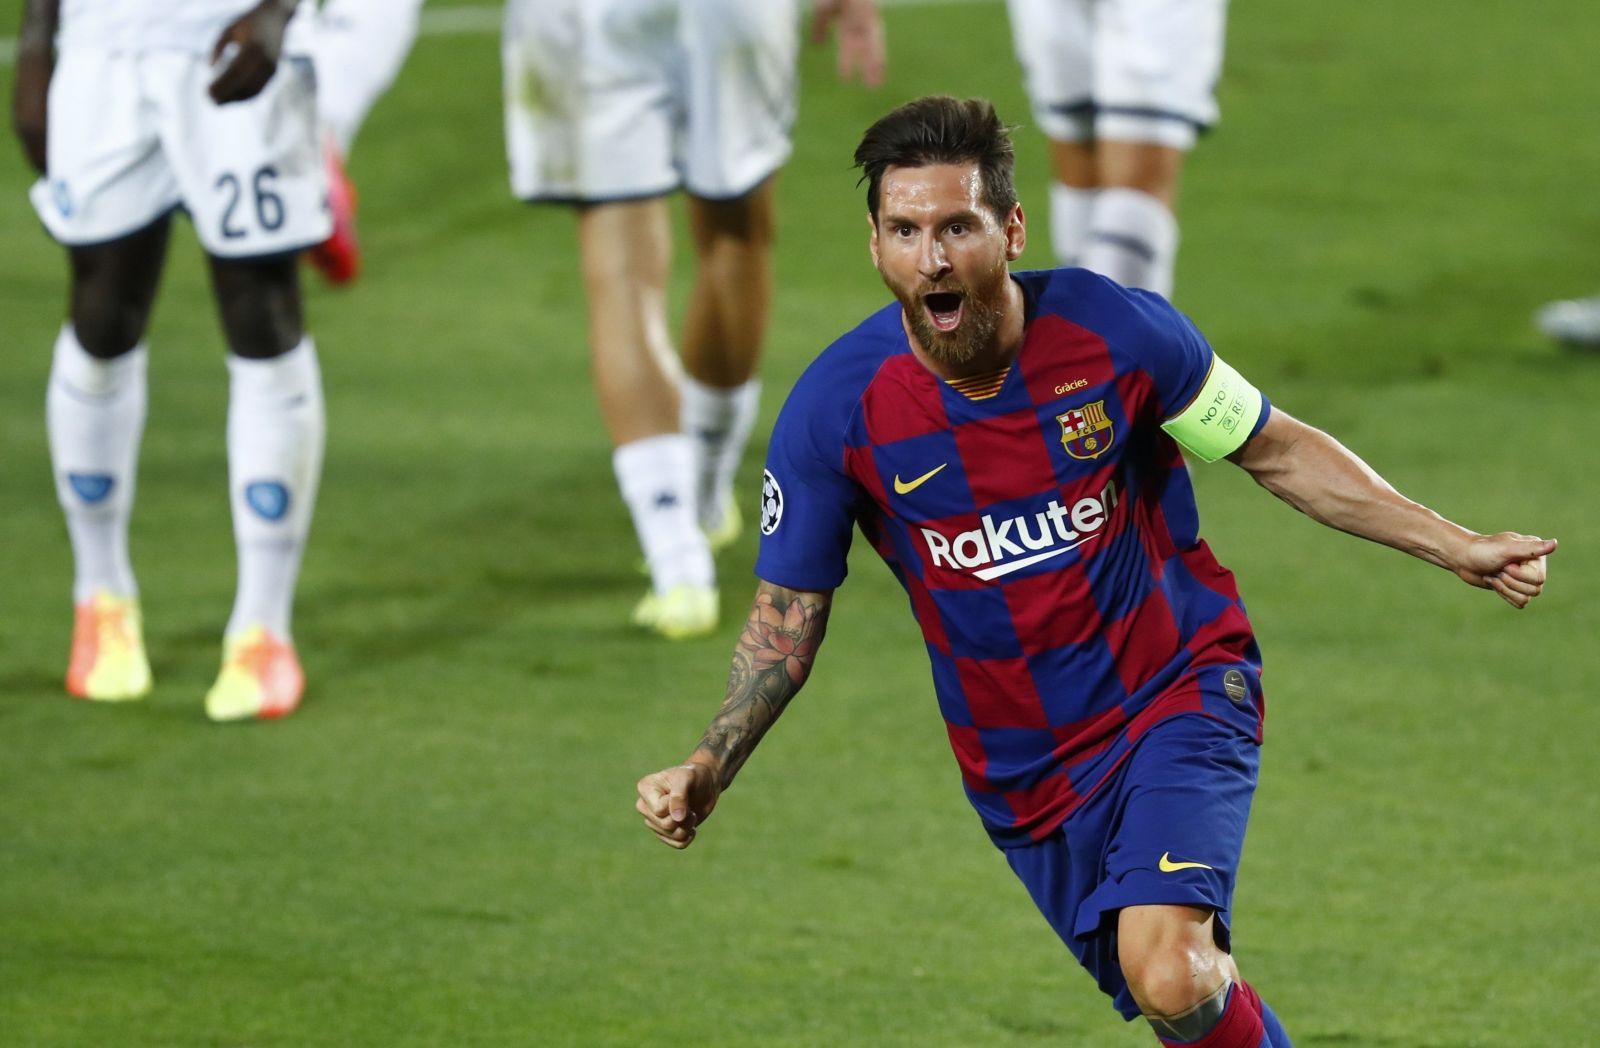 Messi z Barcelony zatiaľ neodchádza, musel by zaplatiť pokutu 700 miliónov eur. Strávi budúci rok na lavičke?